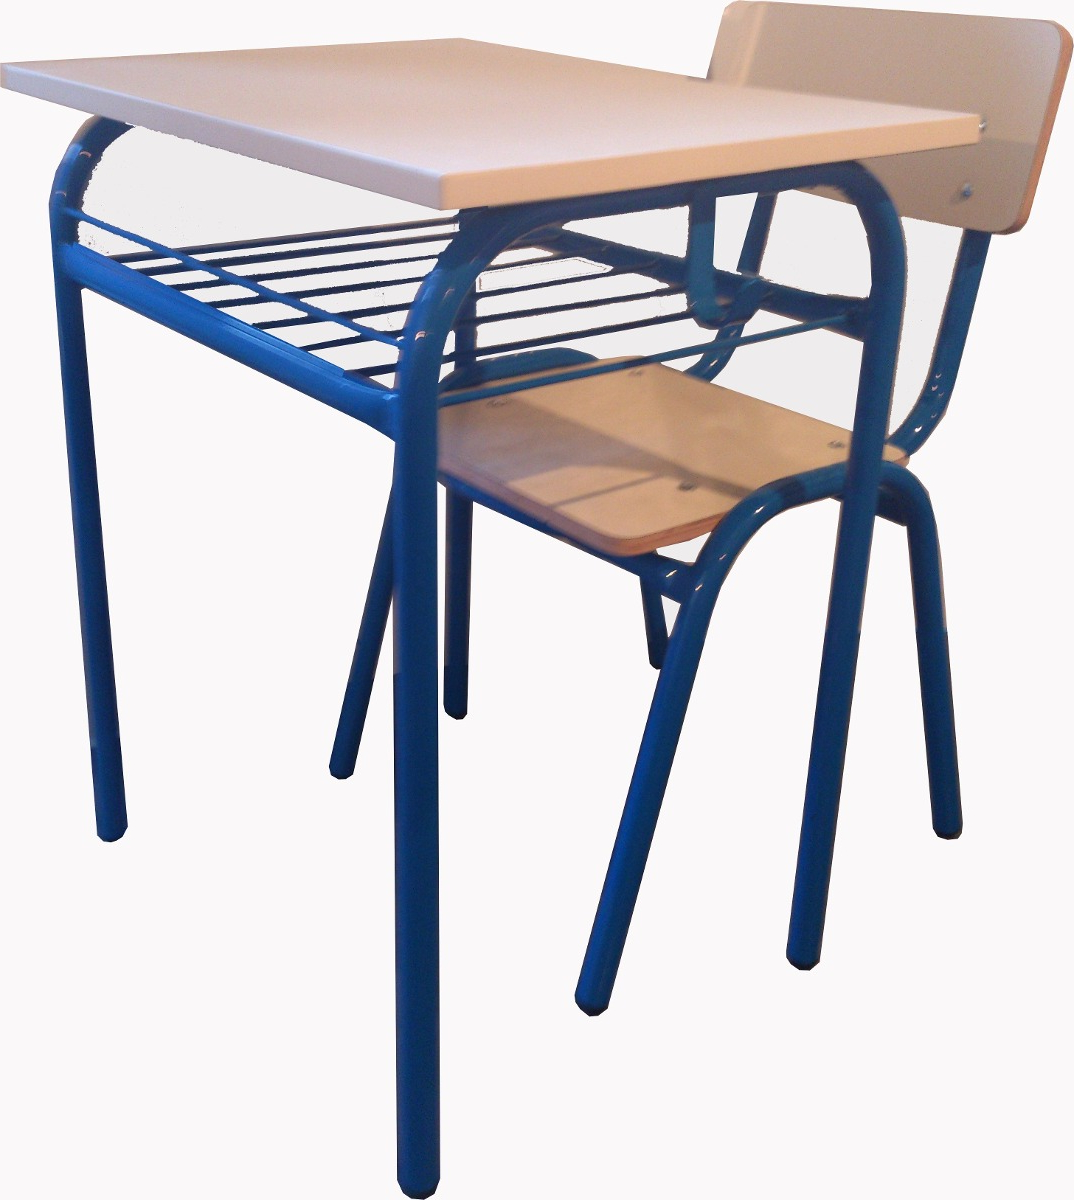 Mesas De Colegio E9dx Juego Silla Y Mesa Pupitre Premium Colegio Universidad 3 150 00